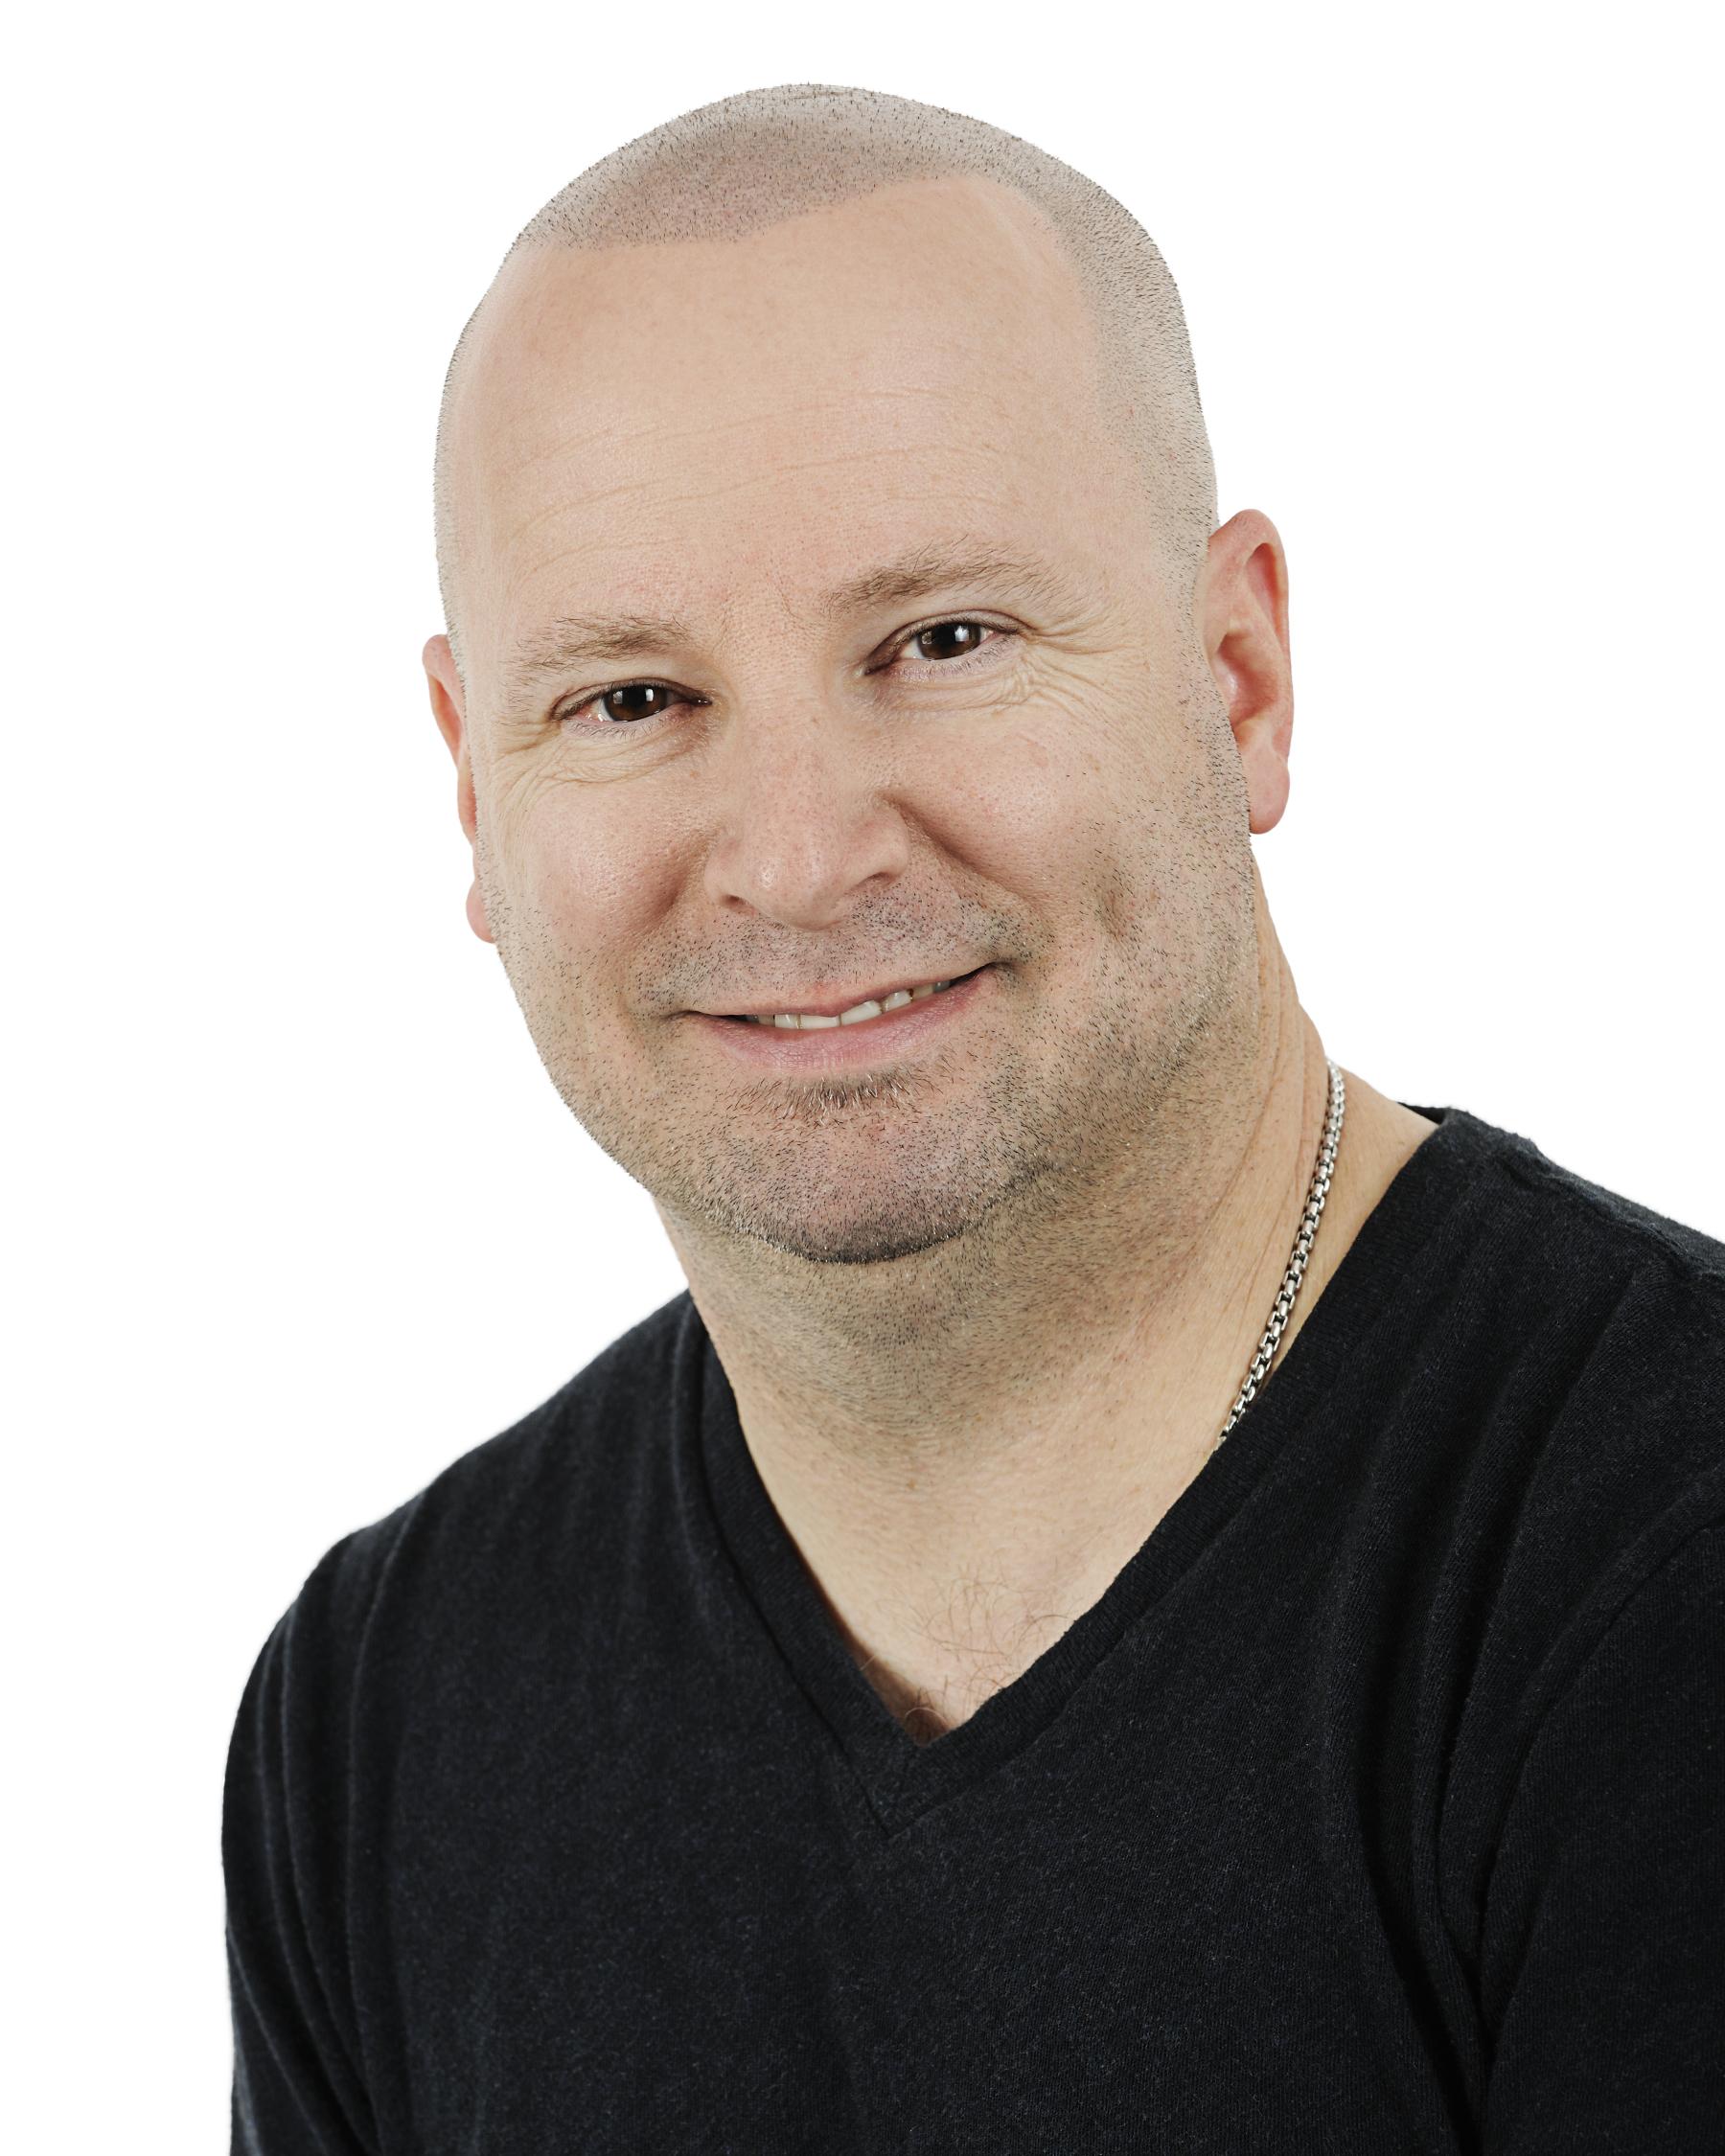 Atlas Venture partner Chris Lynch